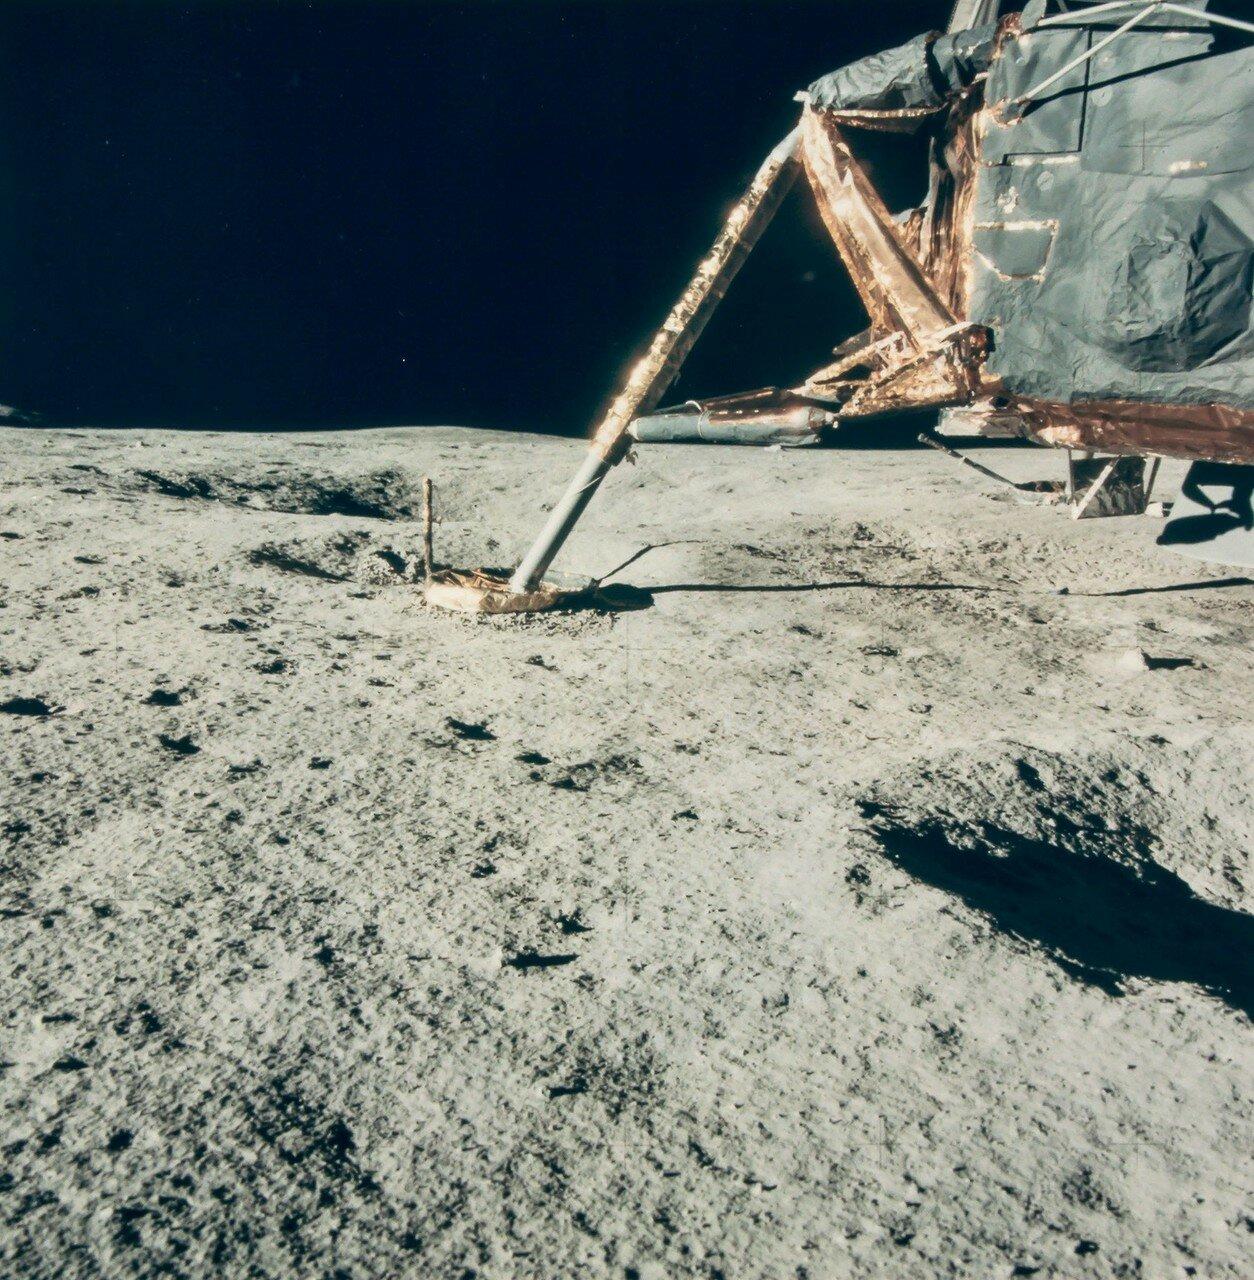 Менее чем через пять минут на поверхность спустился Митчелл. Астронавты осмотрели участок посадки. На снимке: Фрагмент Лунного Модуля на поверхности Луны